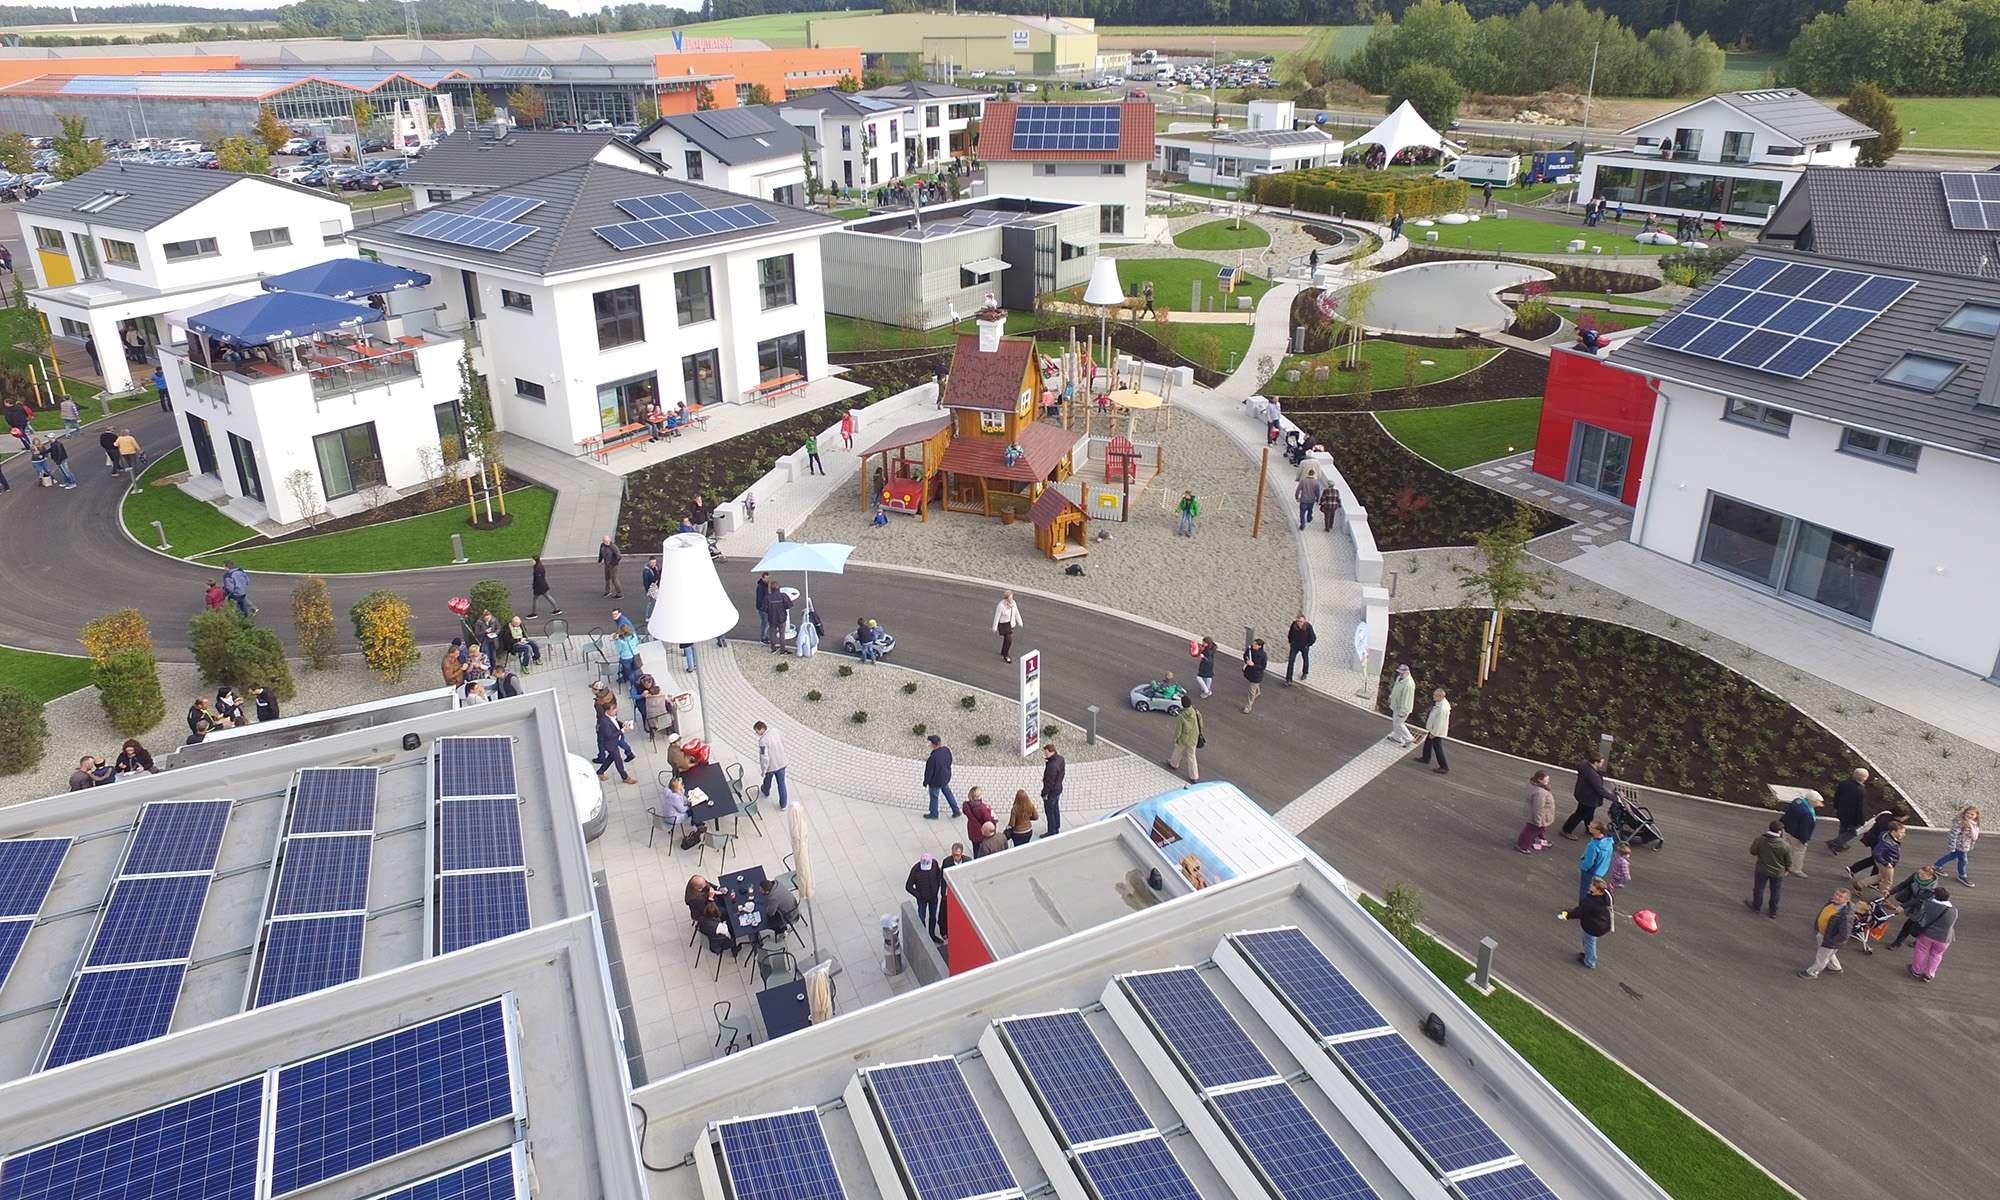 FertighausWelt - Musterhauspark von oben